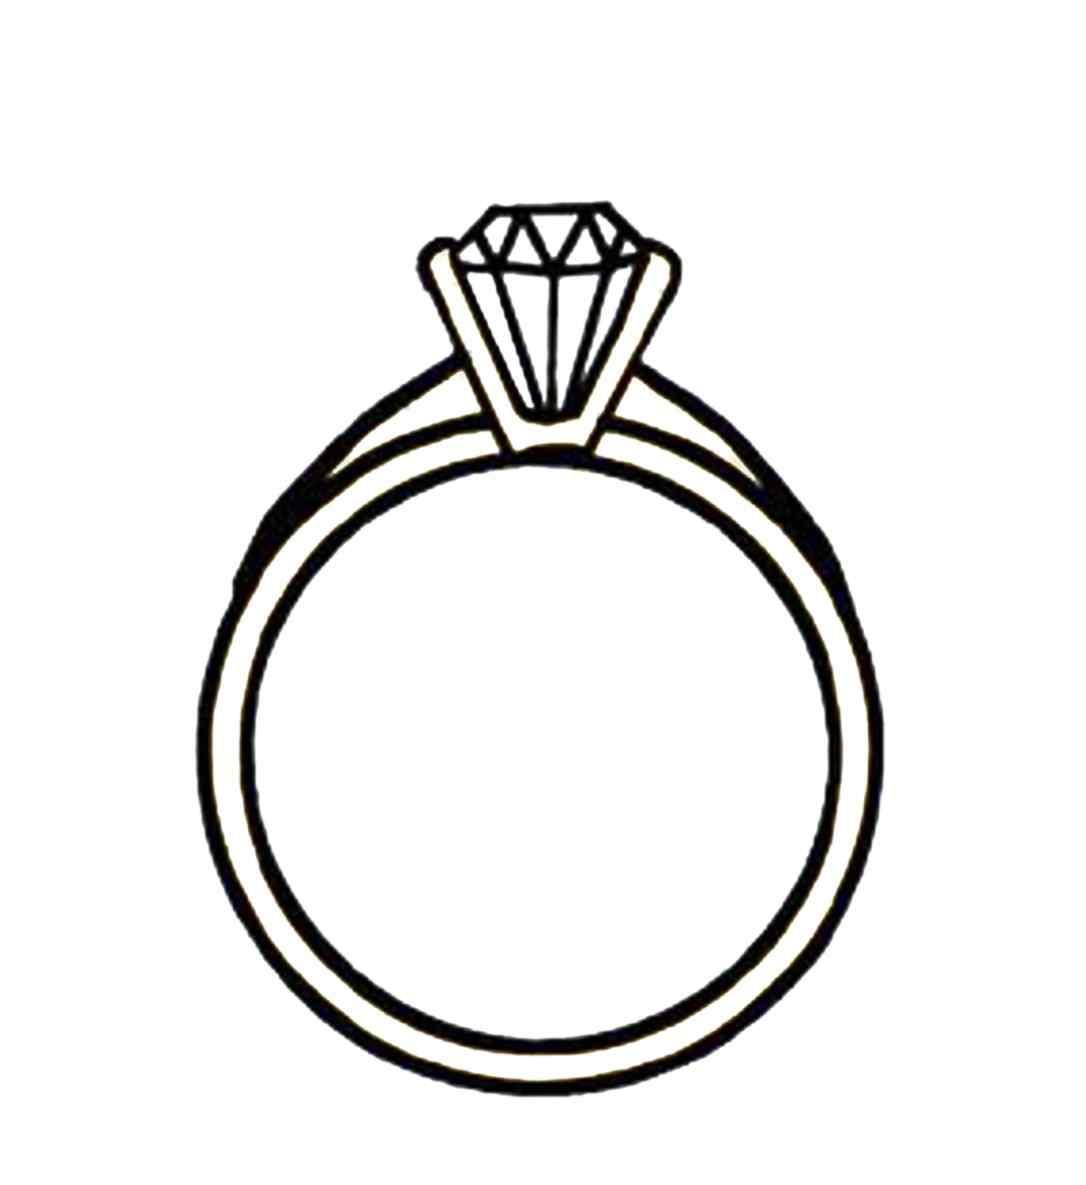 1086x1185 Irish Claddagh Ring Drawing